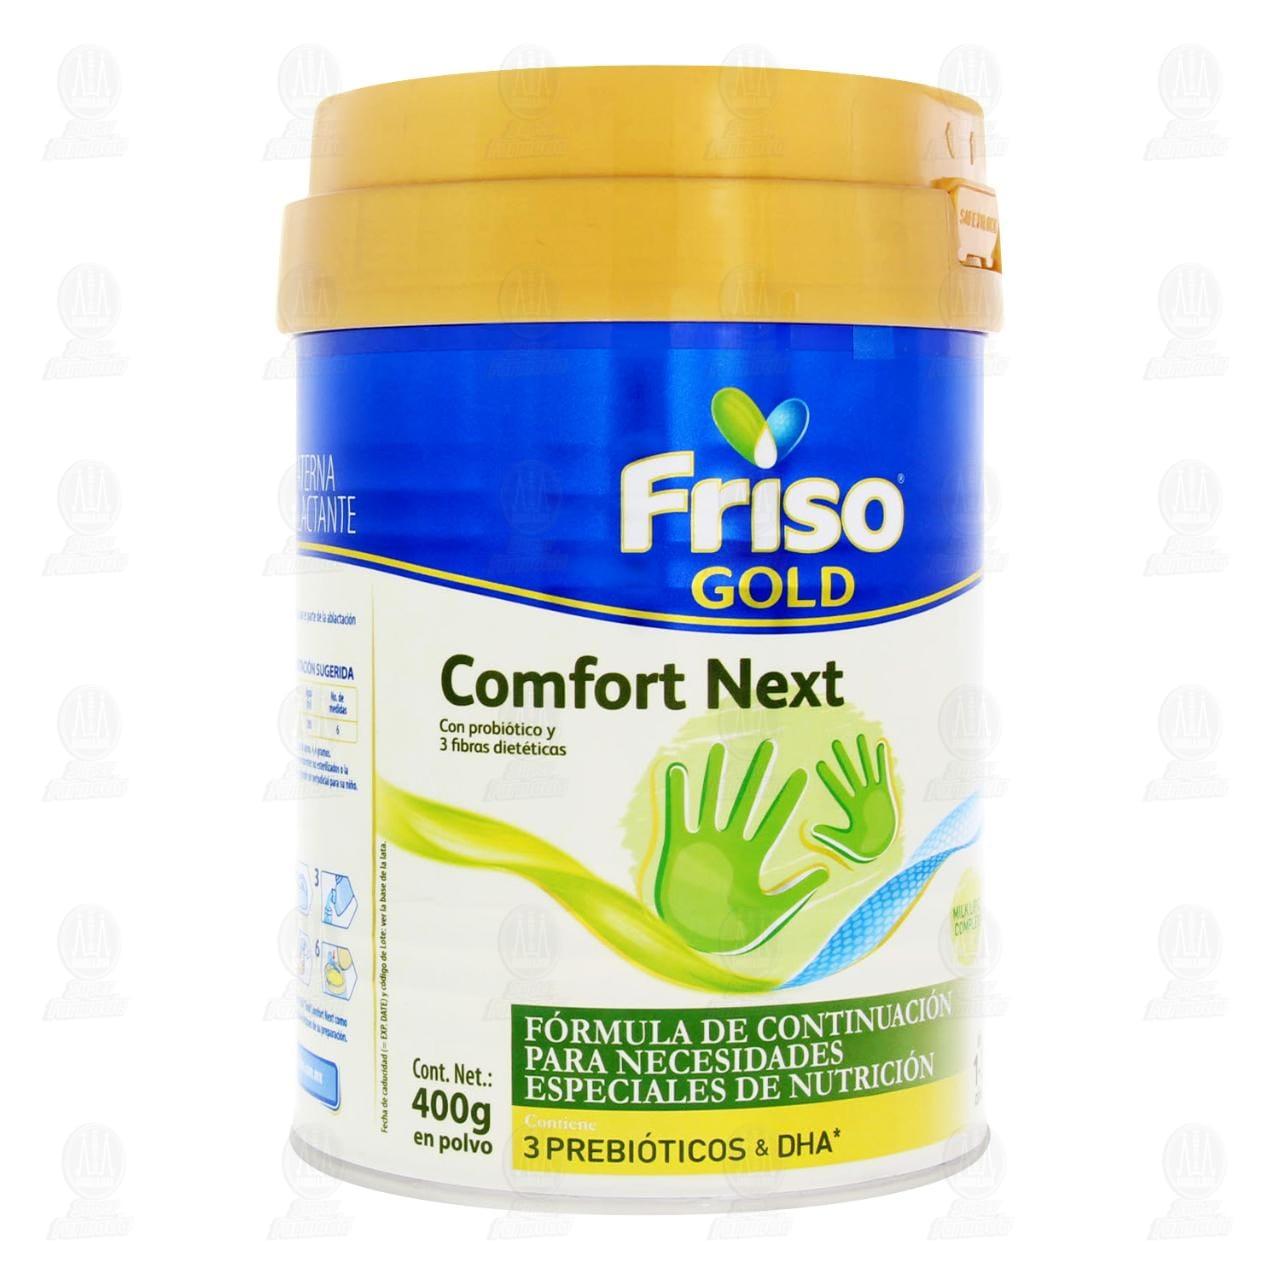 comprar https://www.movil.farmaciasguadalajara.com/wcsstore/FGCAS/wcs/products/1313649_A_1280_AL.jpg en farmacias guadalajara